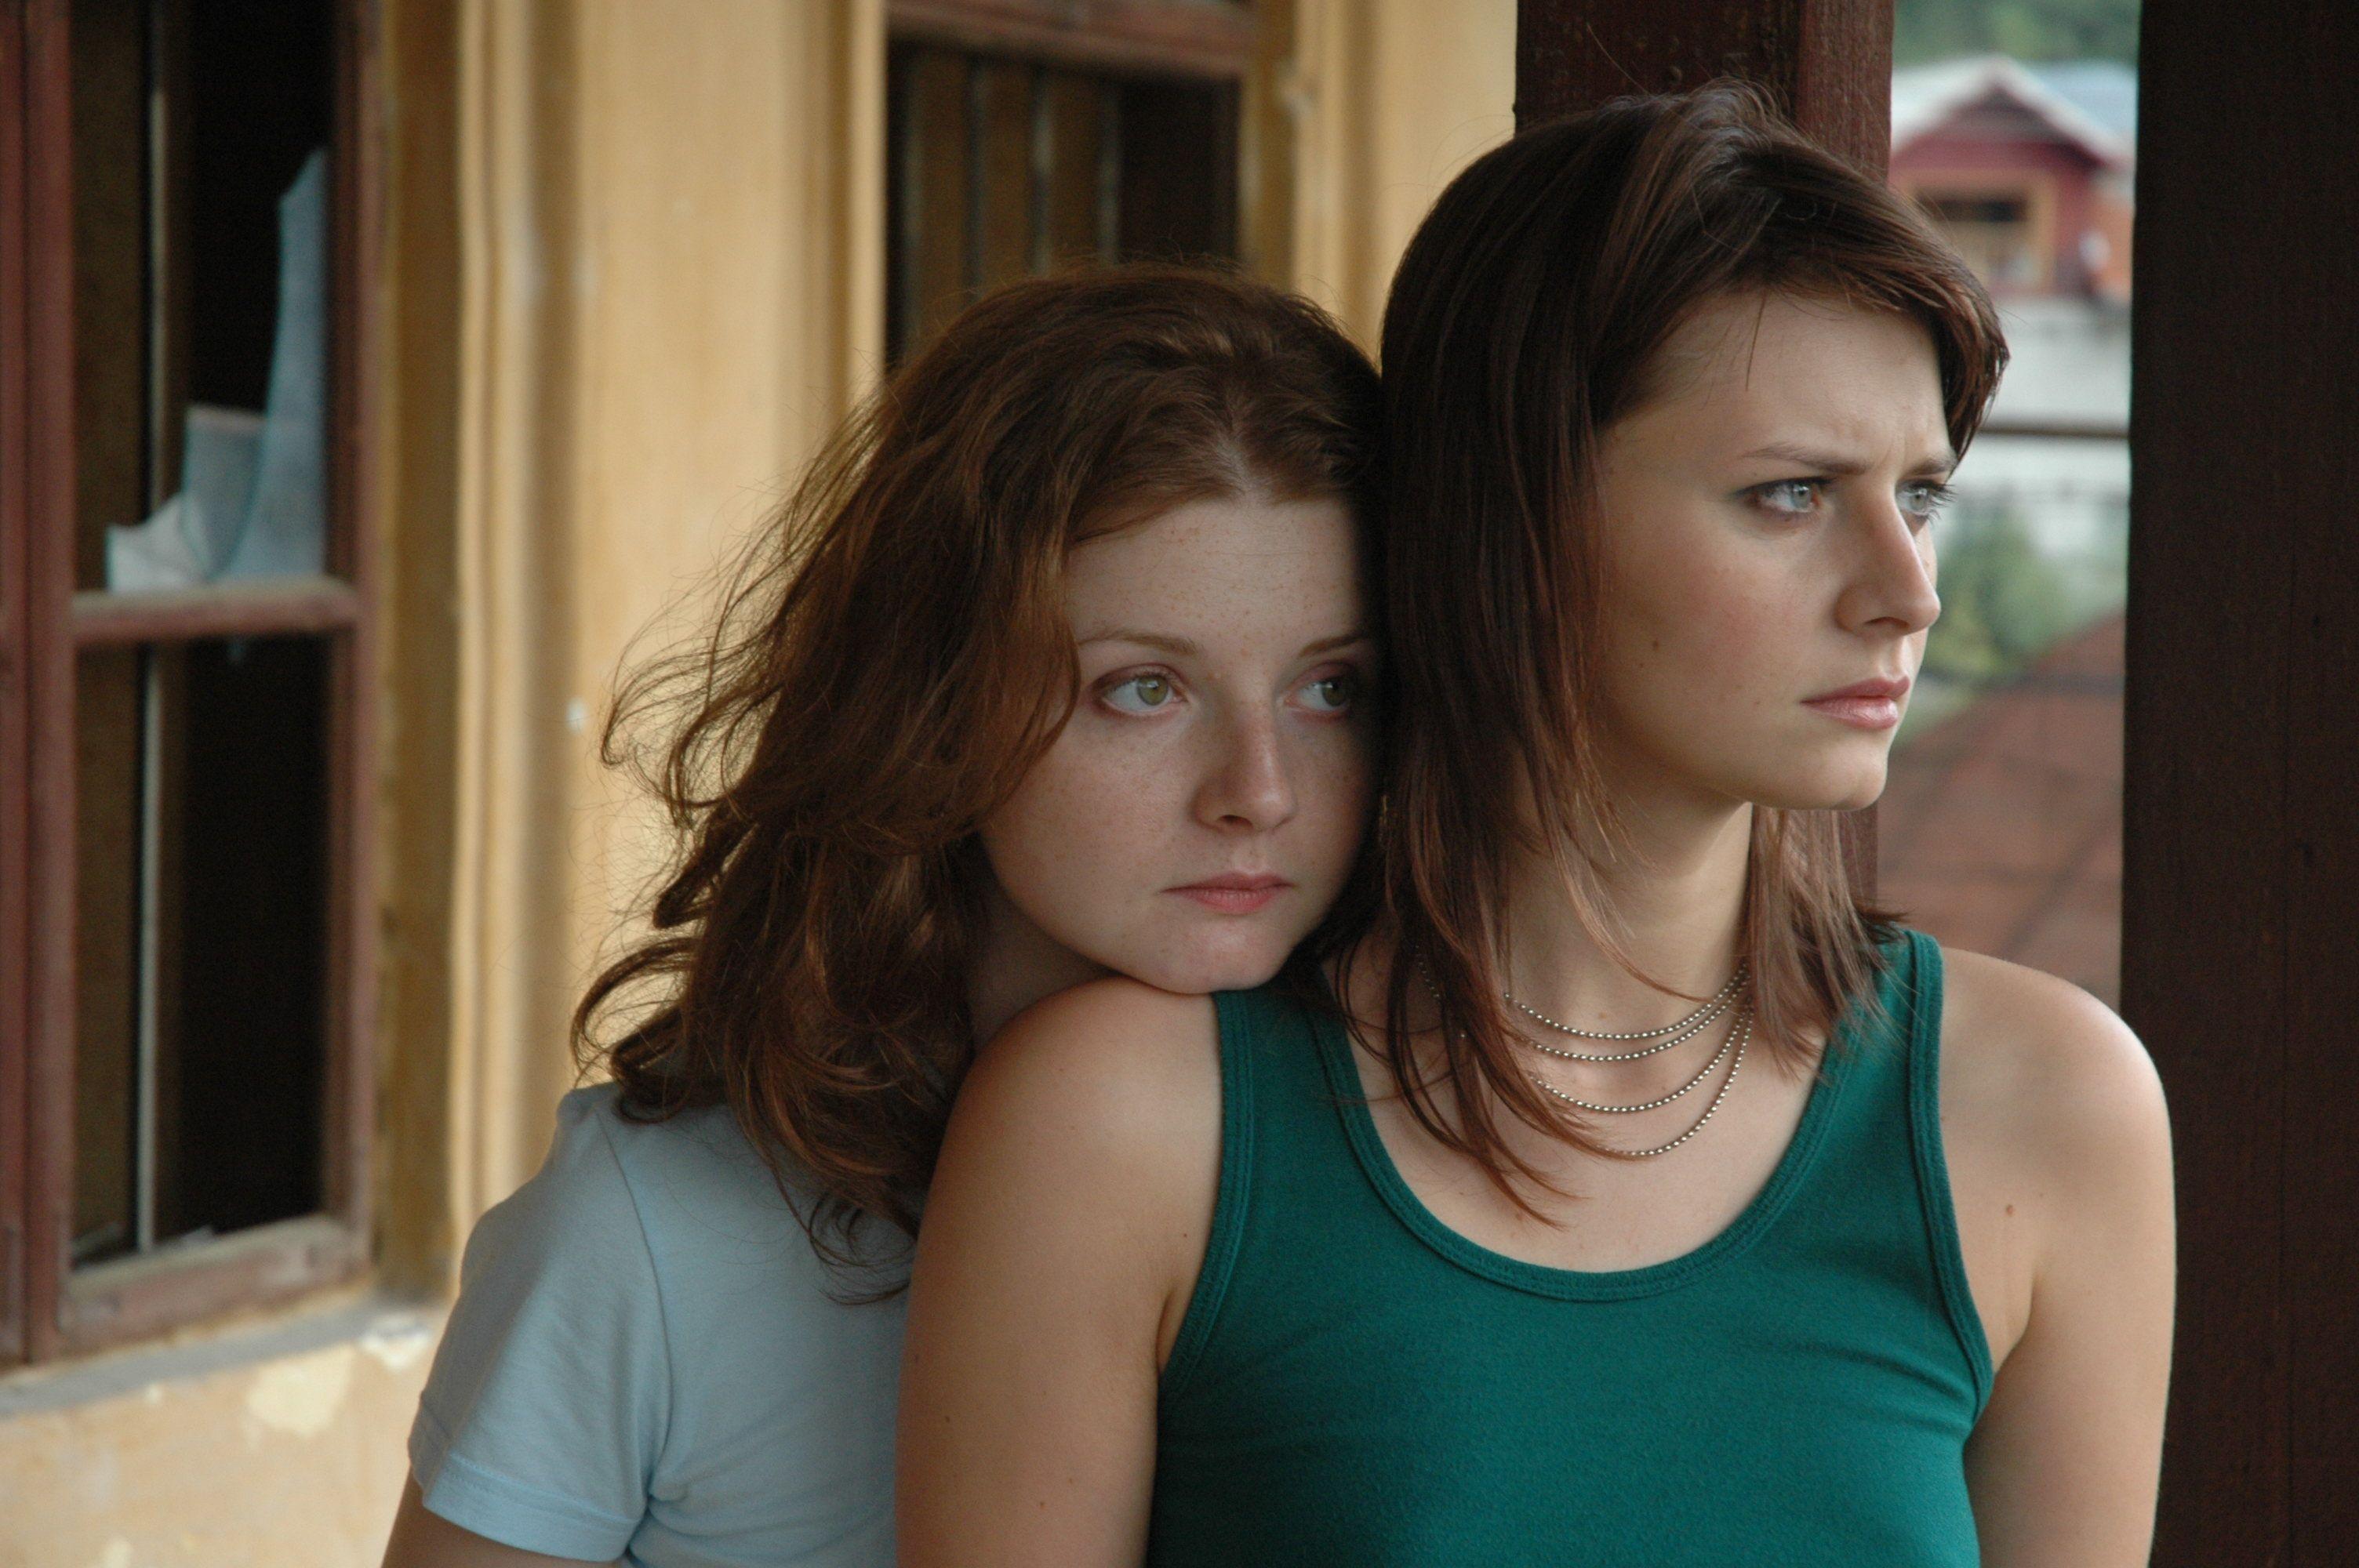 Лесбиянки фильм в хорошем